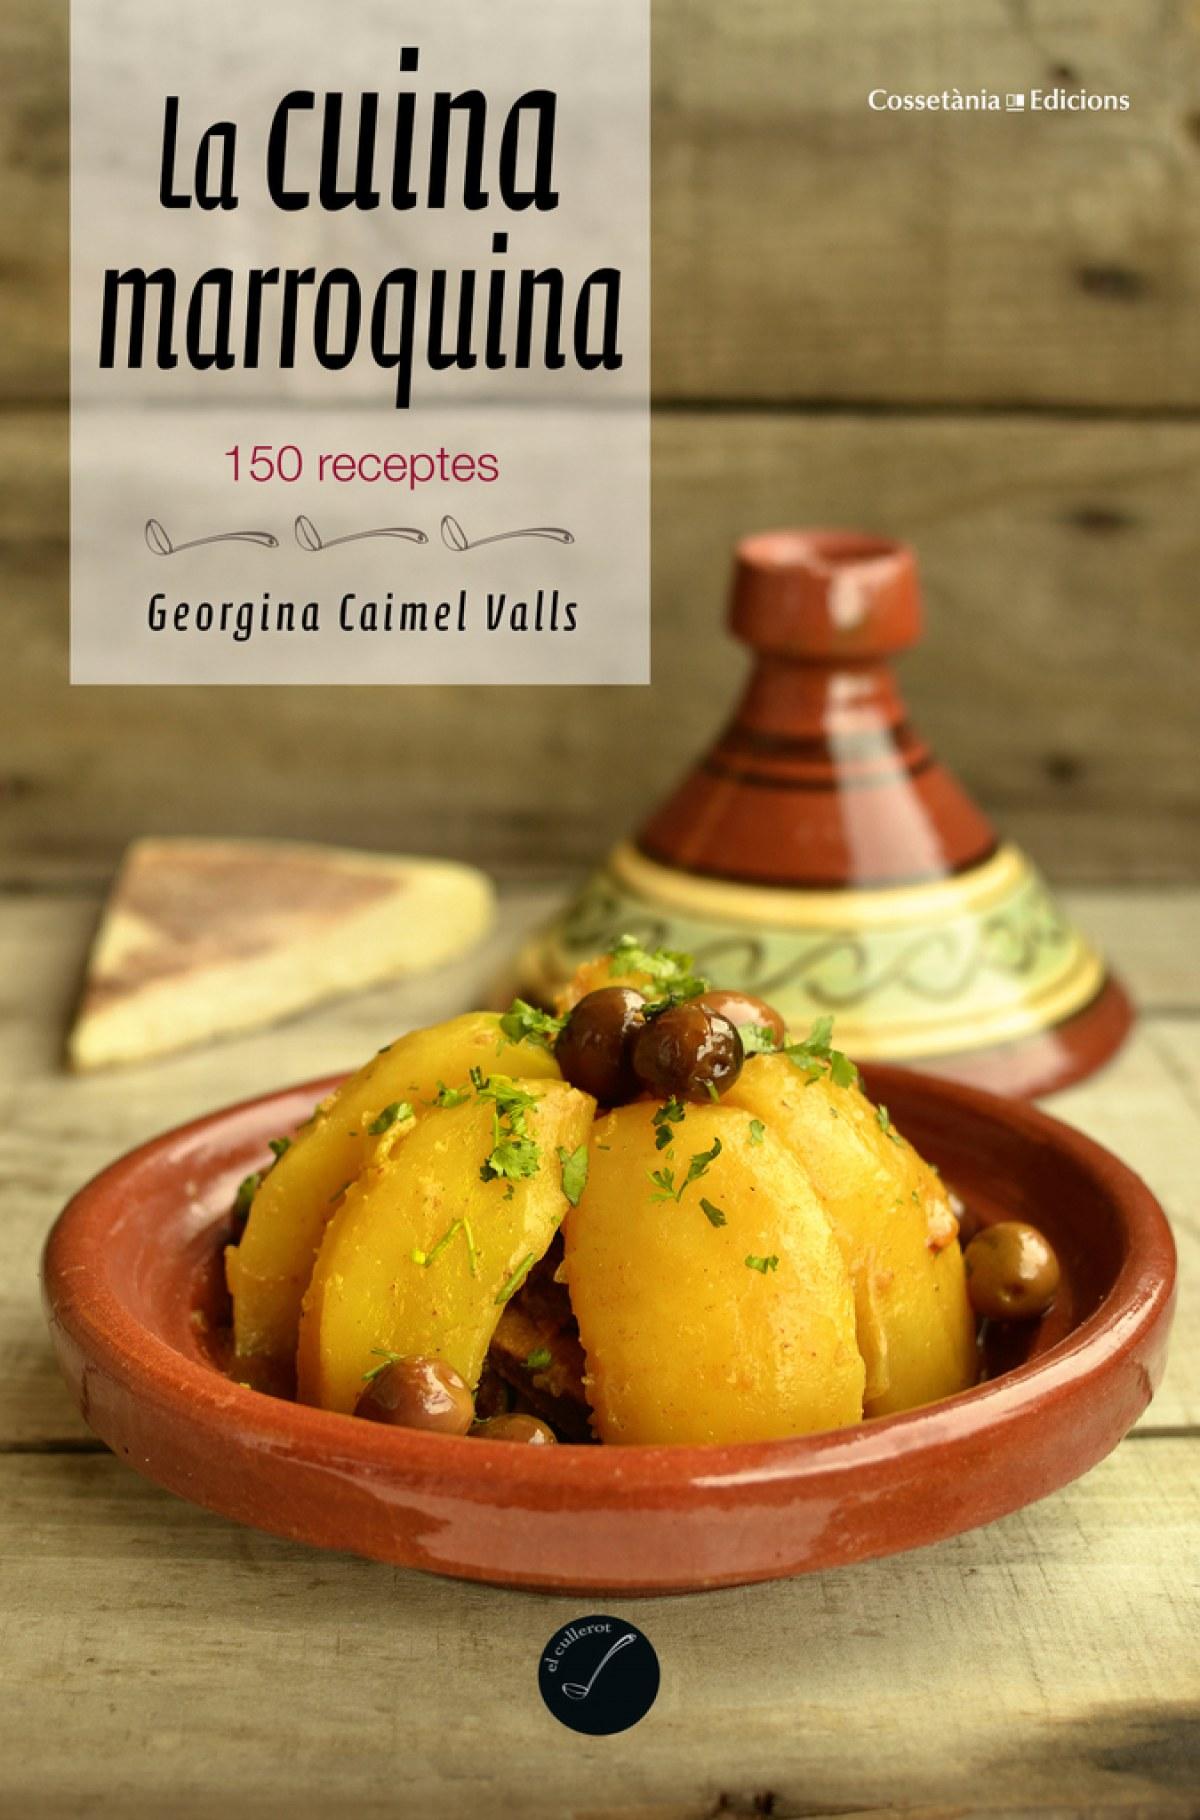 La cuina marroquina